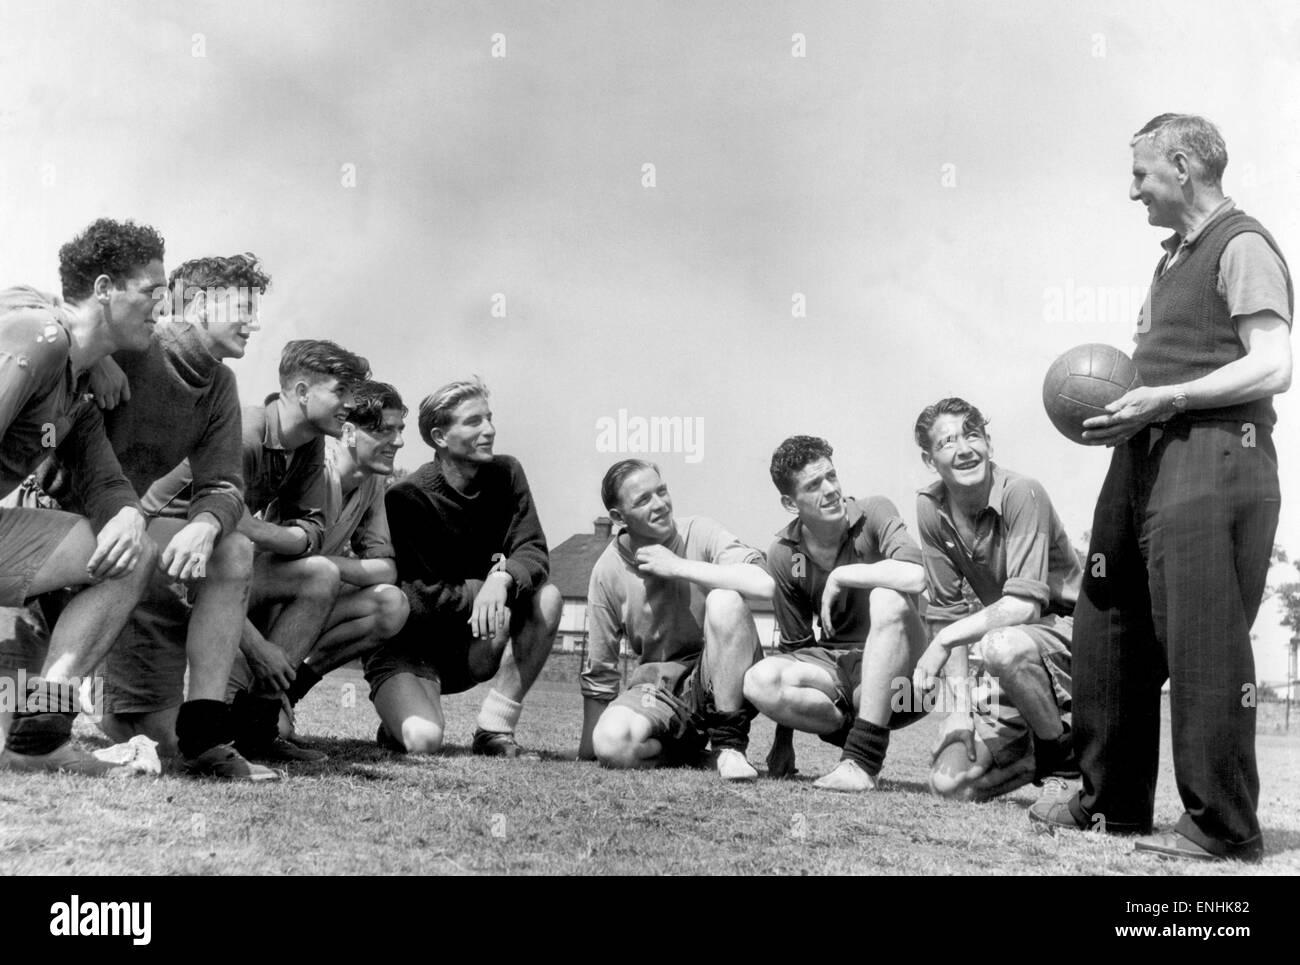 Everton jugadores foto con el entrenador Harry Cooke durante una sesión de entrenamiento. Everton jugadores de izquierda a derecha: Harry Leyland, Jimmy O'Neill, Joe Easthope, John Parker, Dave Hickson, John Sutherland, Tony McNamara y Jimmy Harris. El 9 de agosto de 1950. Foto de stock